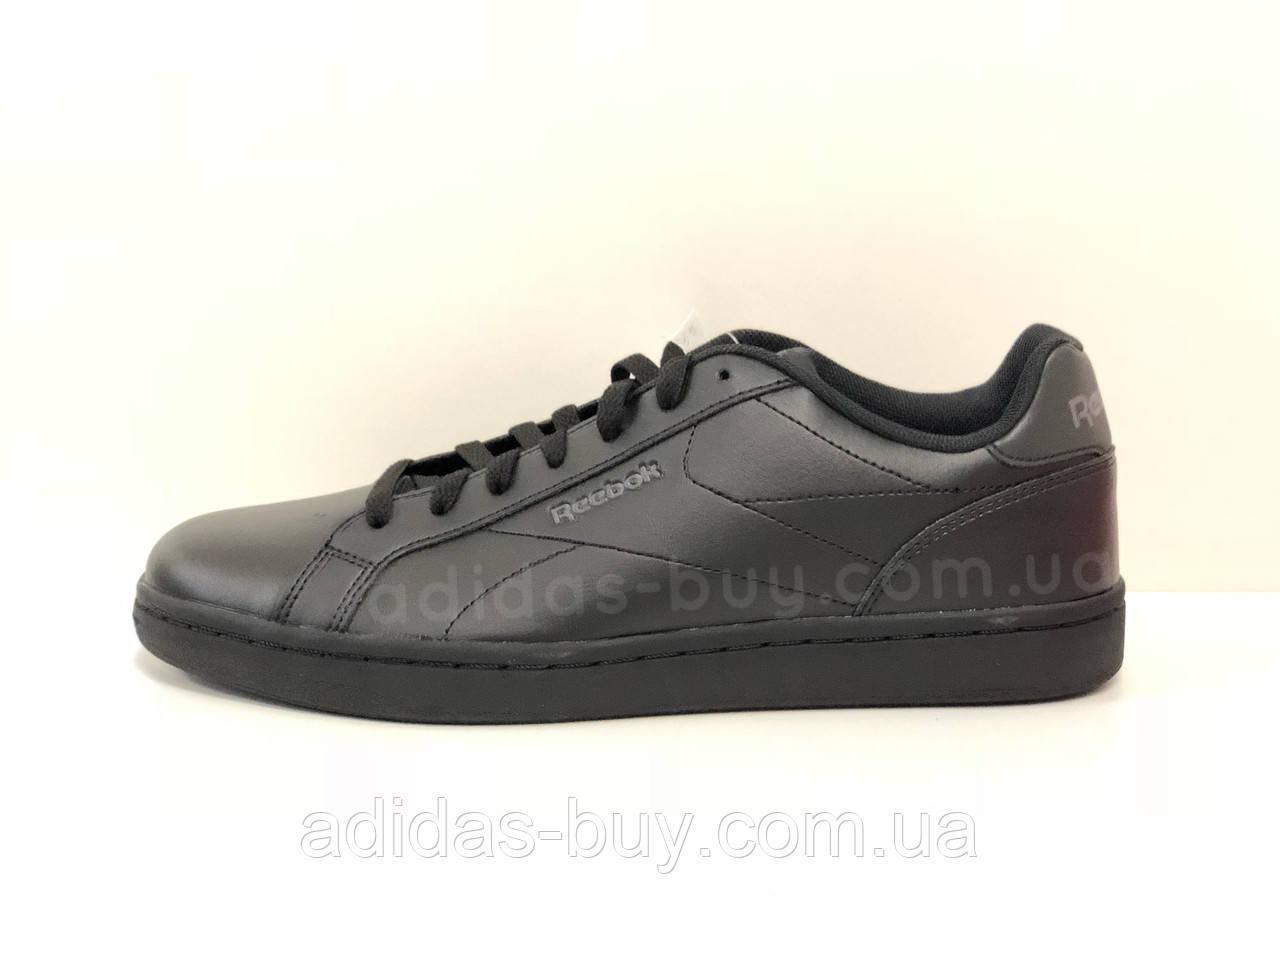 Мужские оригинальные кроссовки Reebok ROYAL COMPLETE CLN CN3101